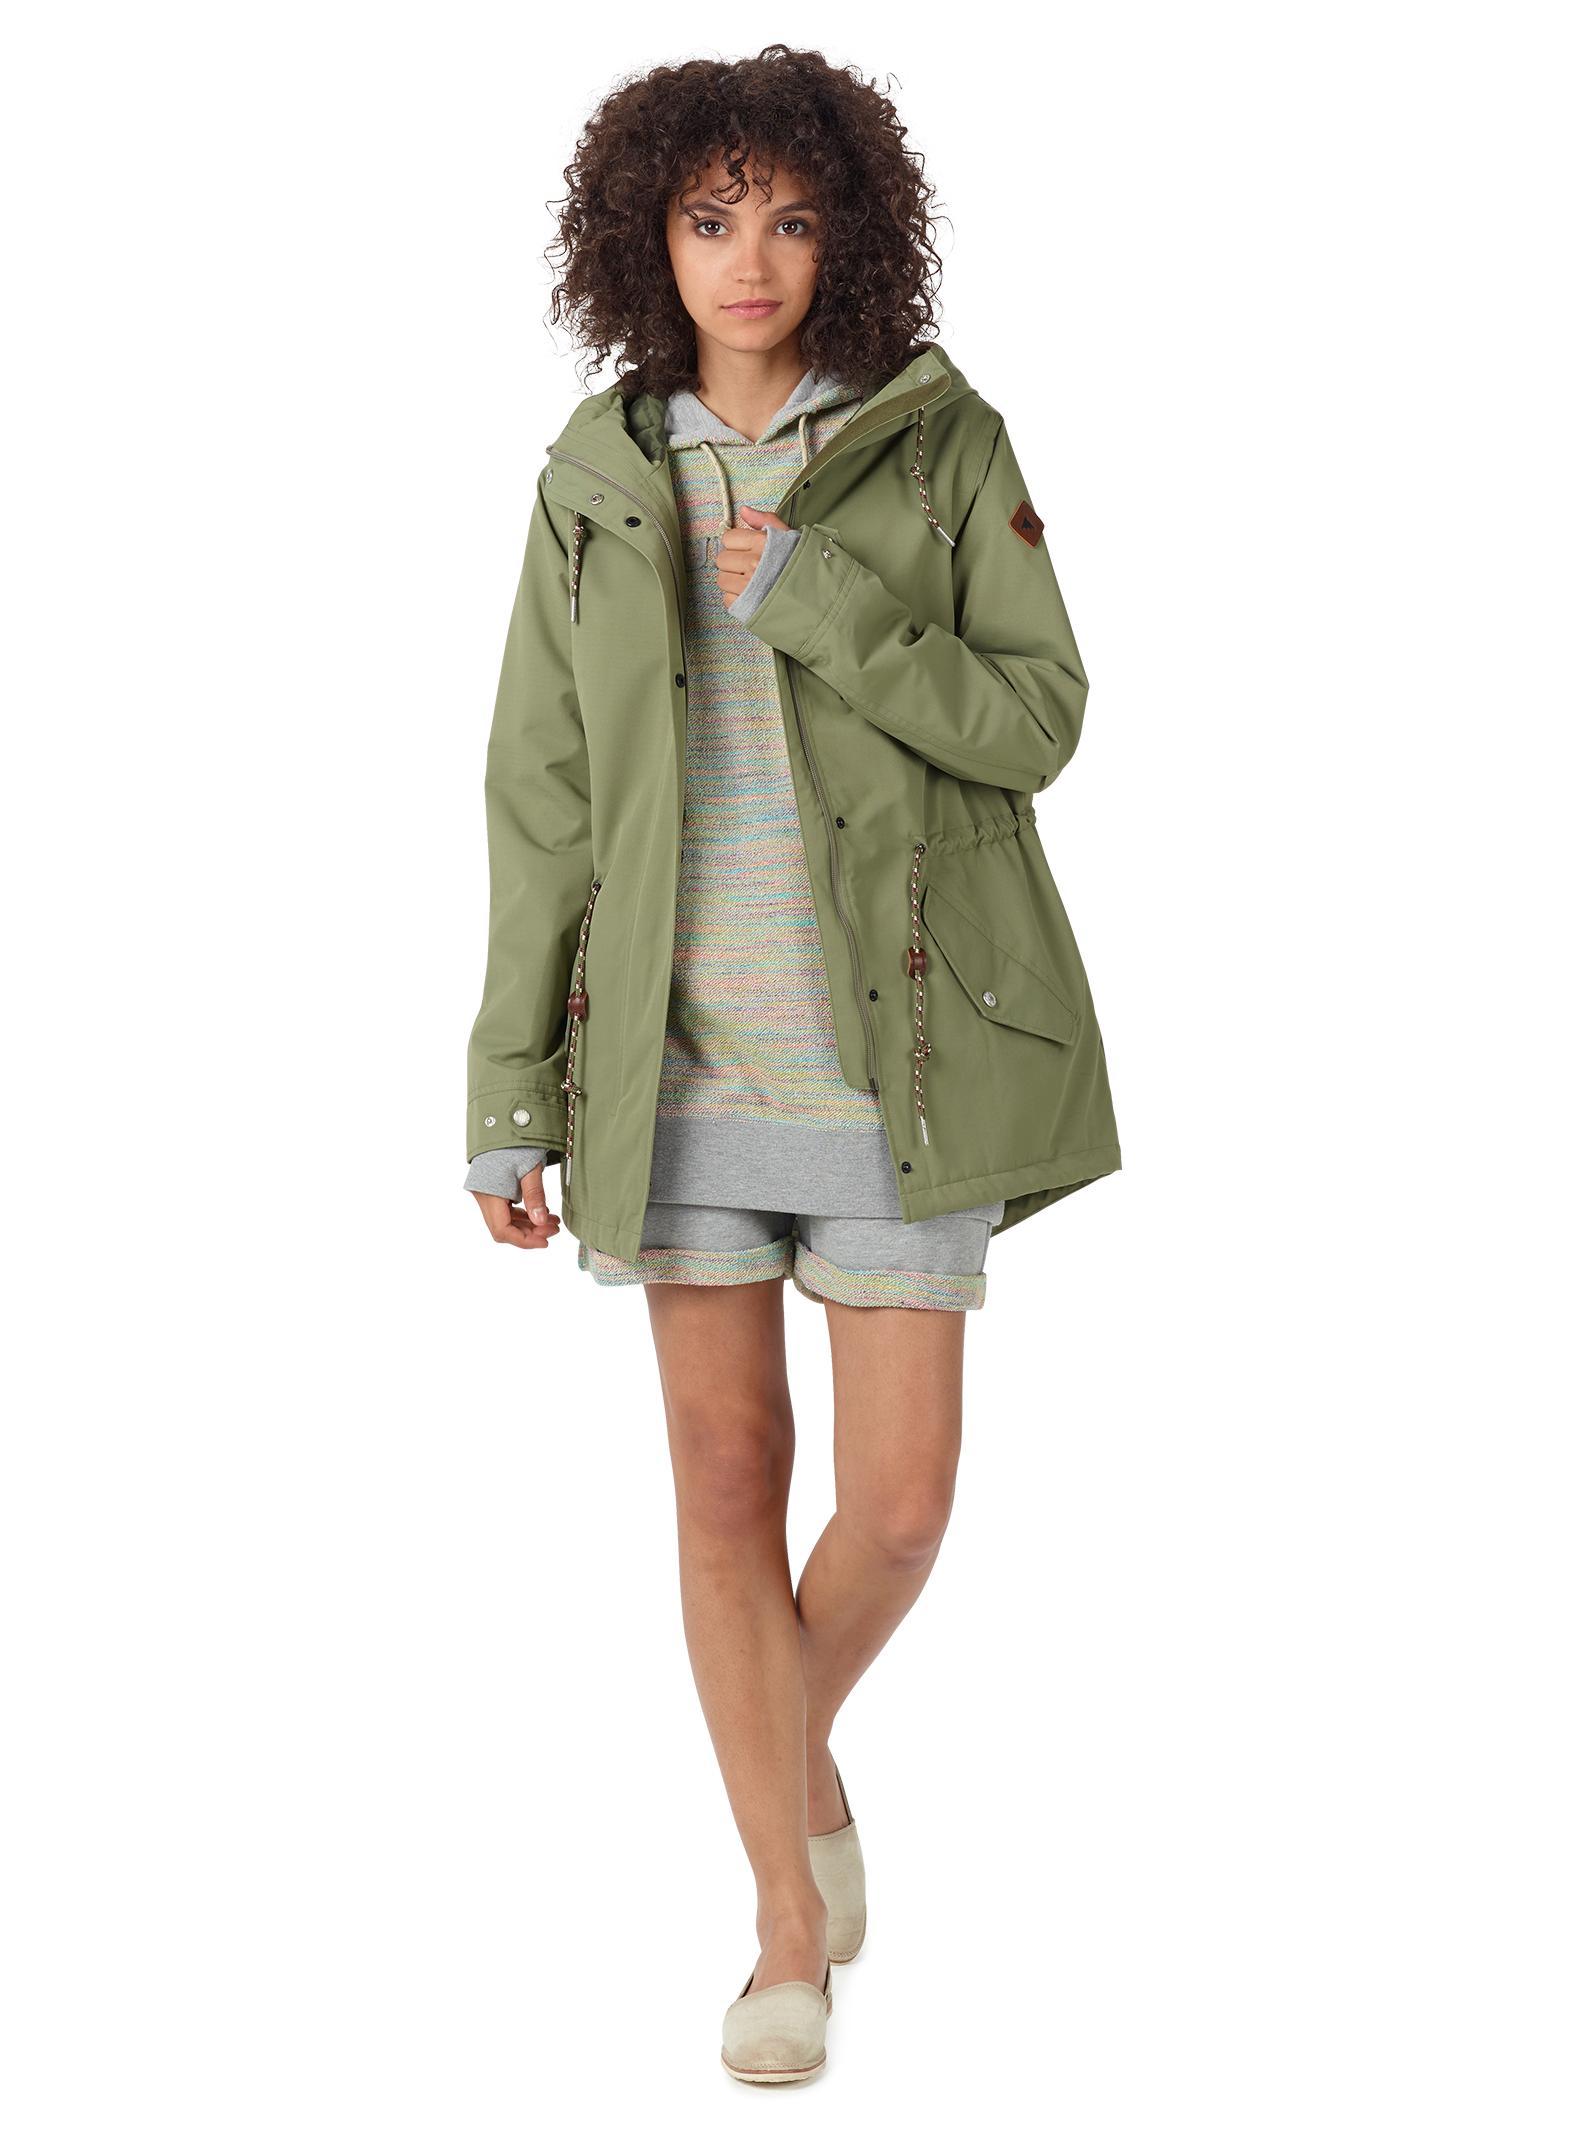 Amazon.com : Burton Women's Sadie Jacket : Sports & Outdoors